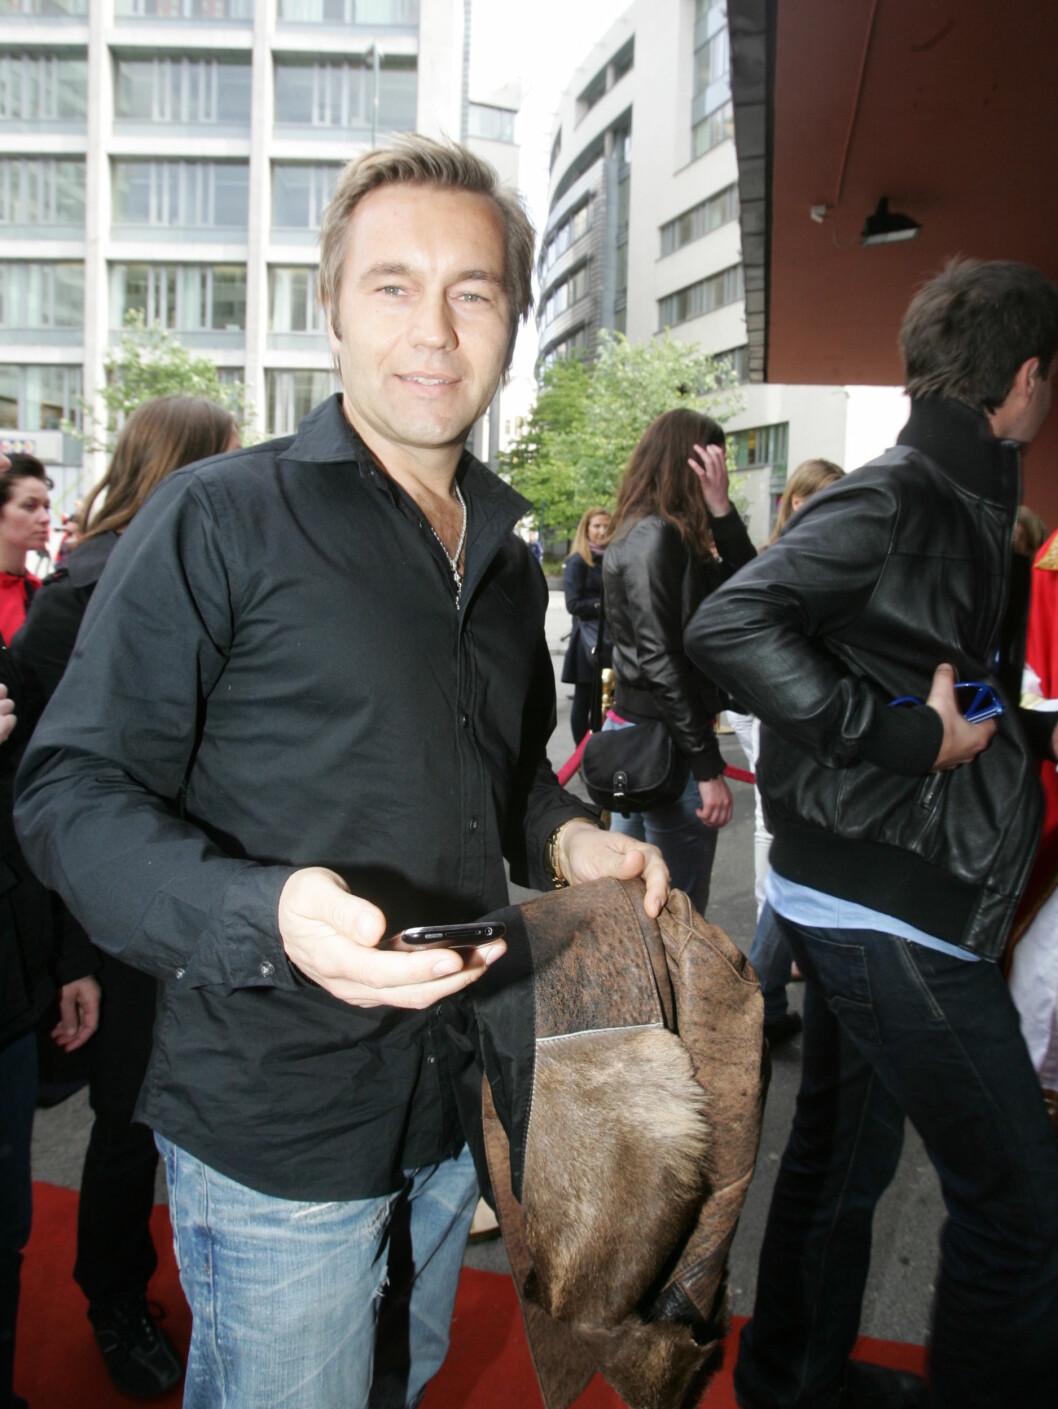 KOM ALENE: David Eriksen hadde ikke med seg Tone Damli Aaberge denne tirsdagen. Foto: Stella Pictures